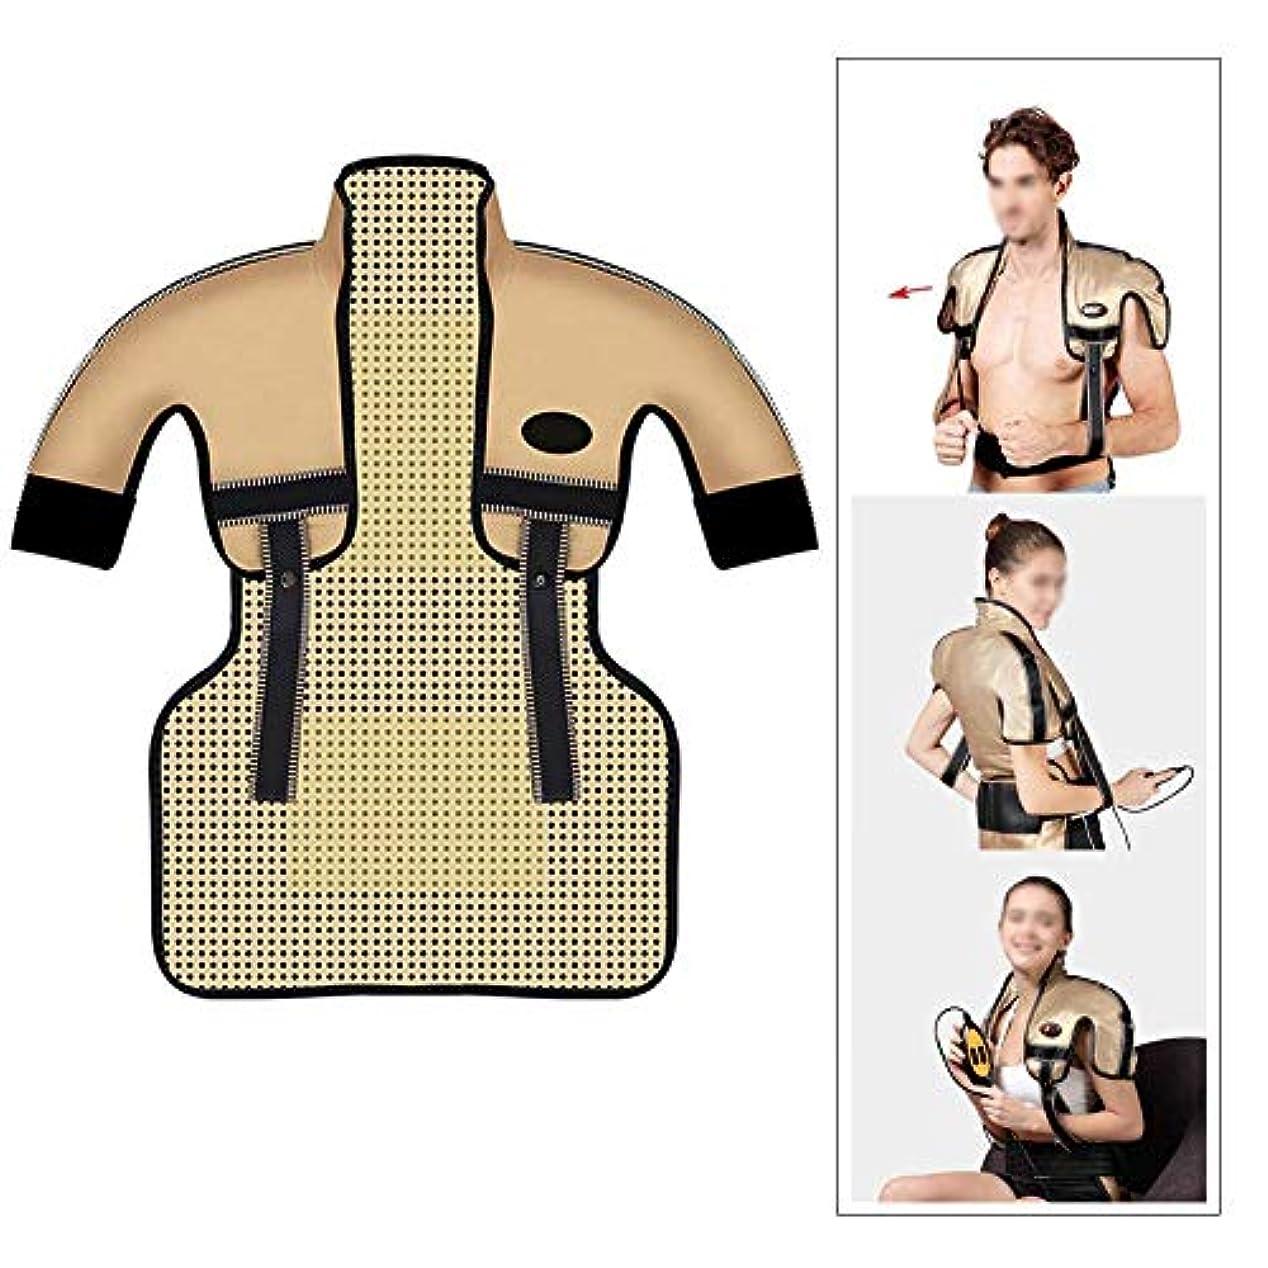 リスナー心のこもった機知に富んだ肩と首の電気加熱パッド - 混練加熱、痛みを和らげるヒートパッド、医療用品マッサージベスト(肩幅用:35-50CM)